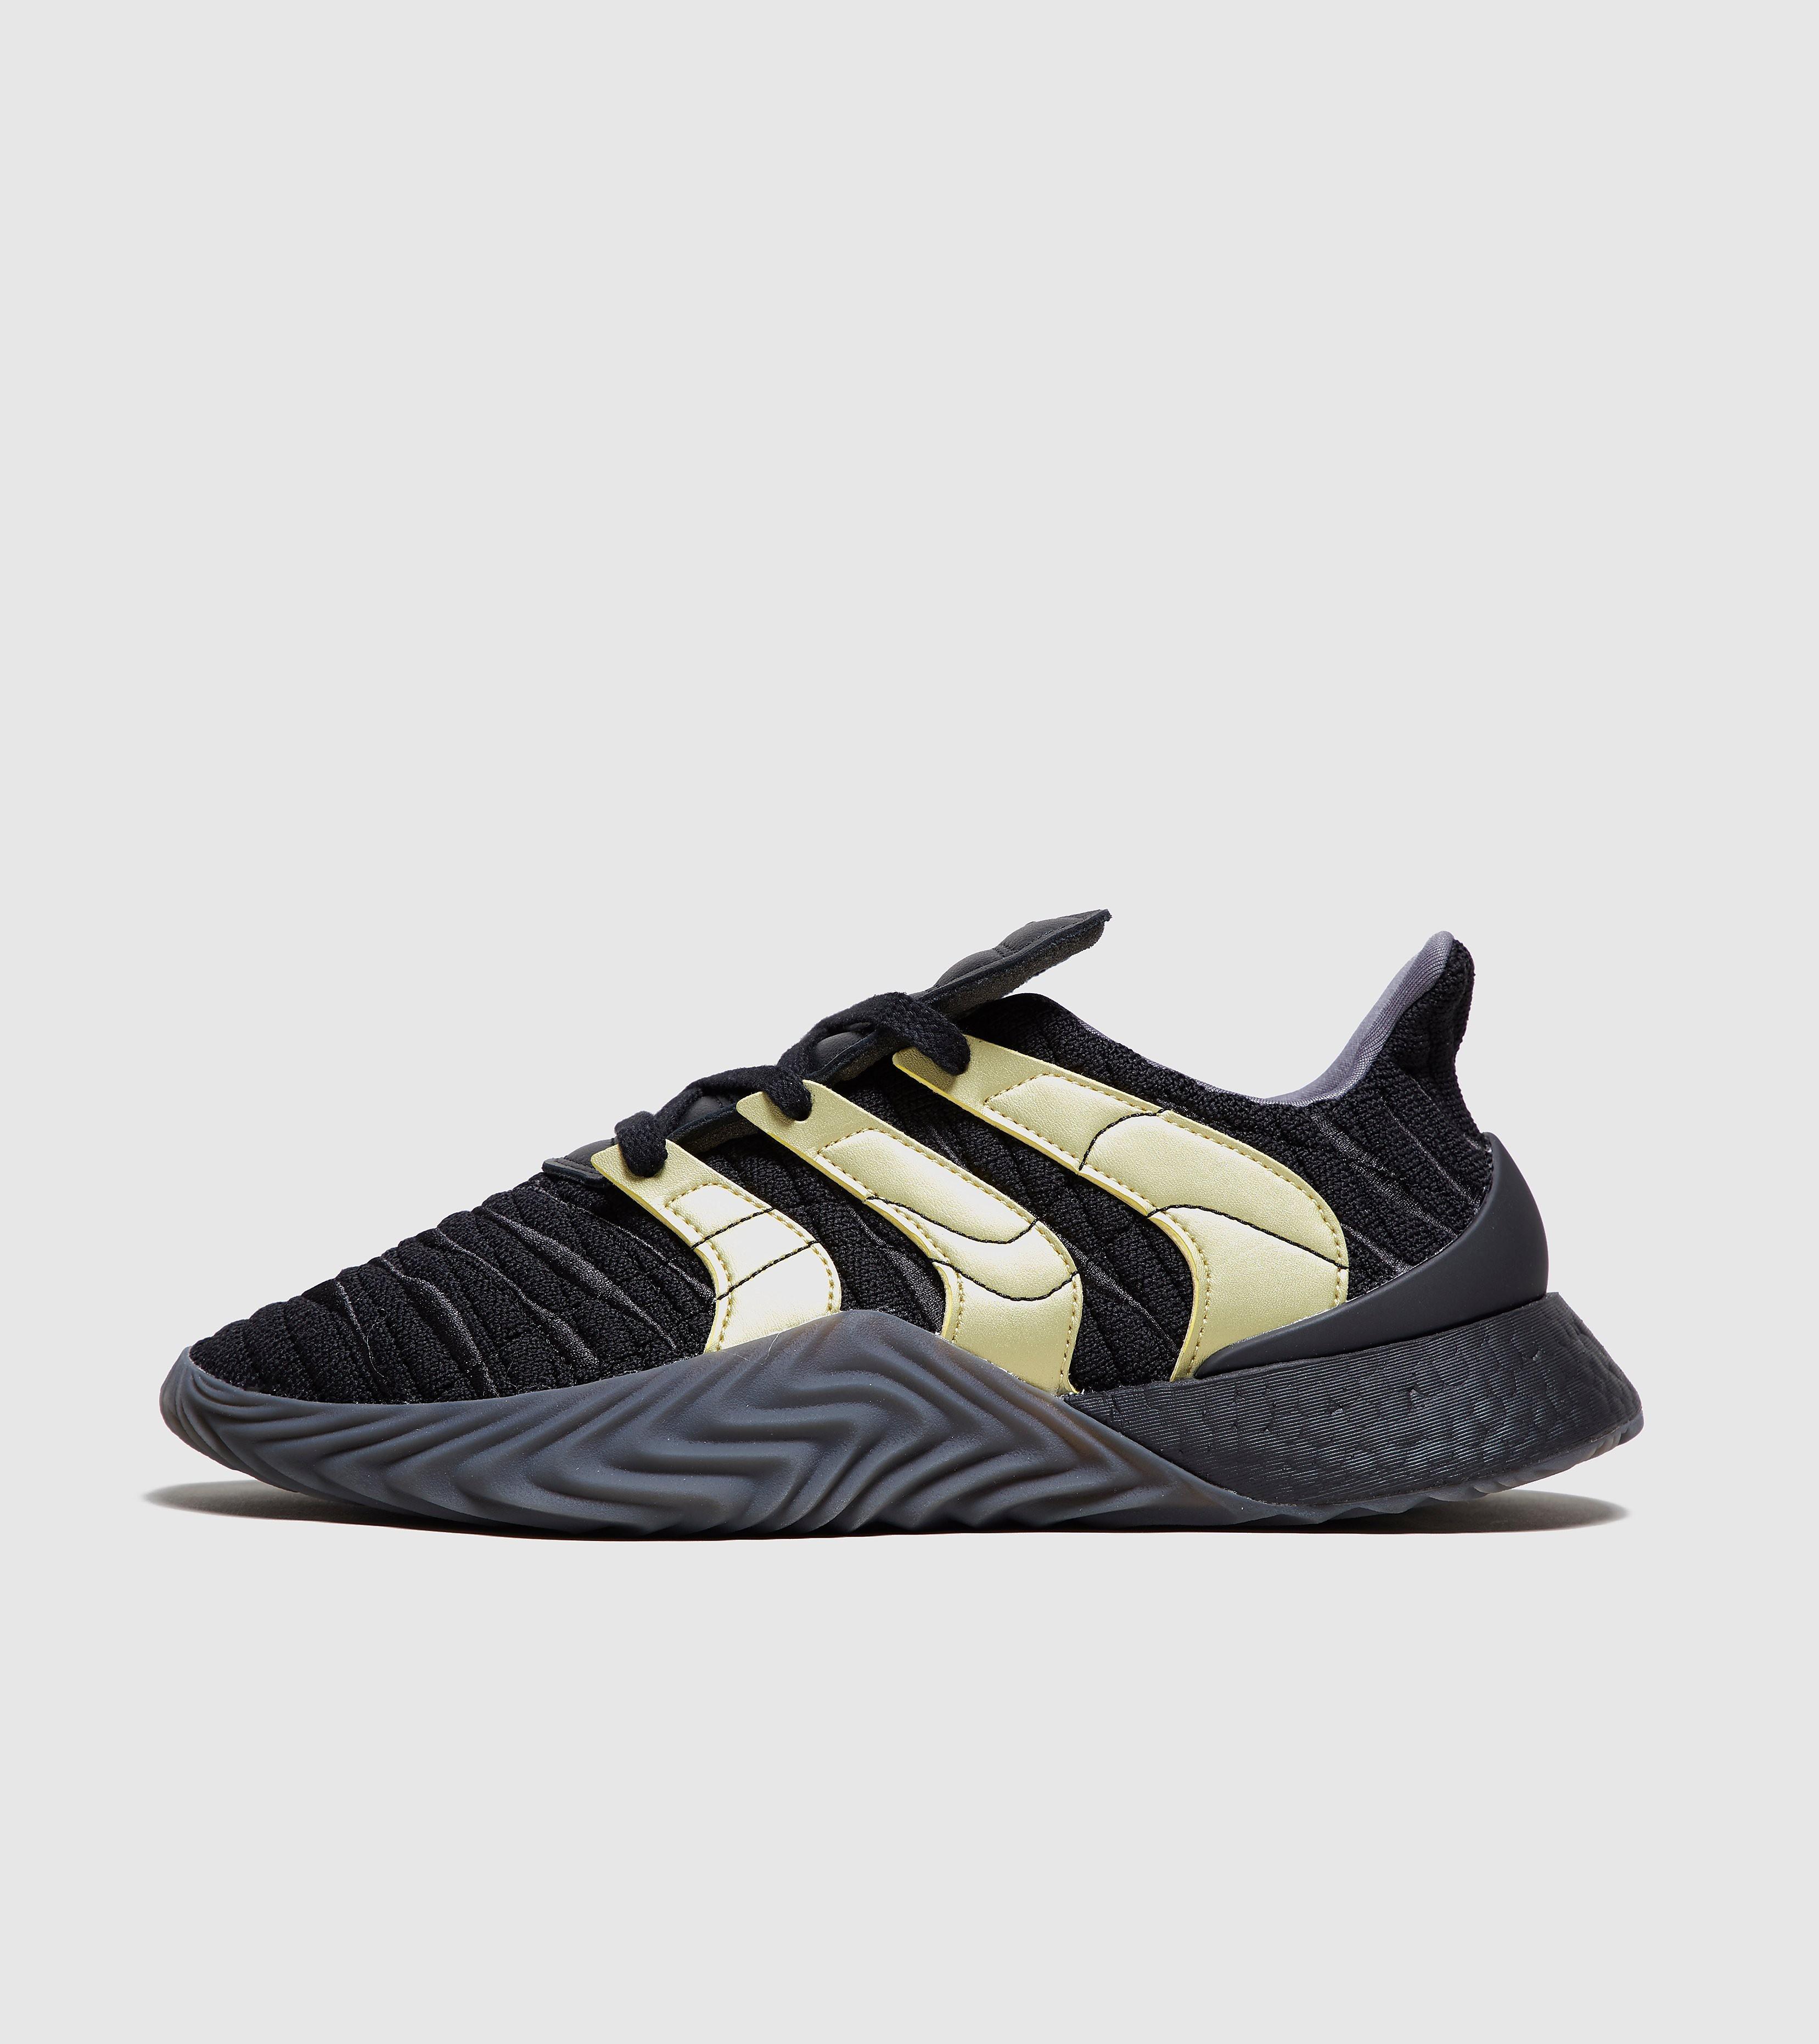 adidas Originals Sobakov Future, Black